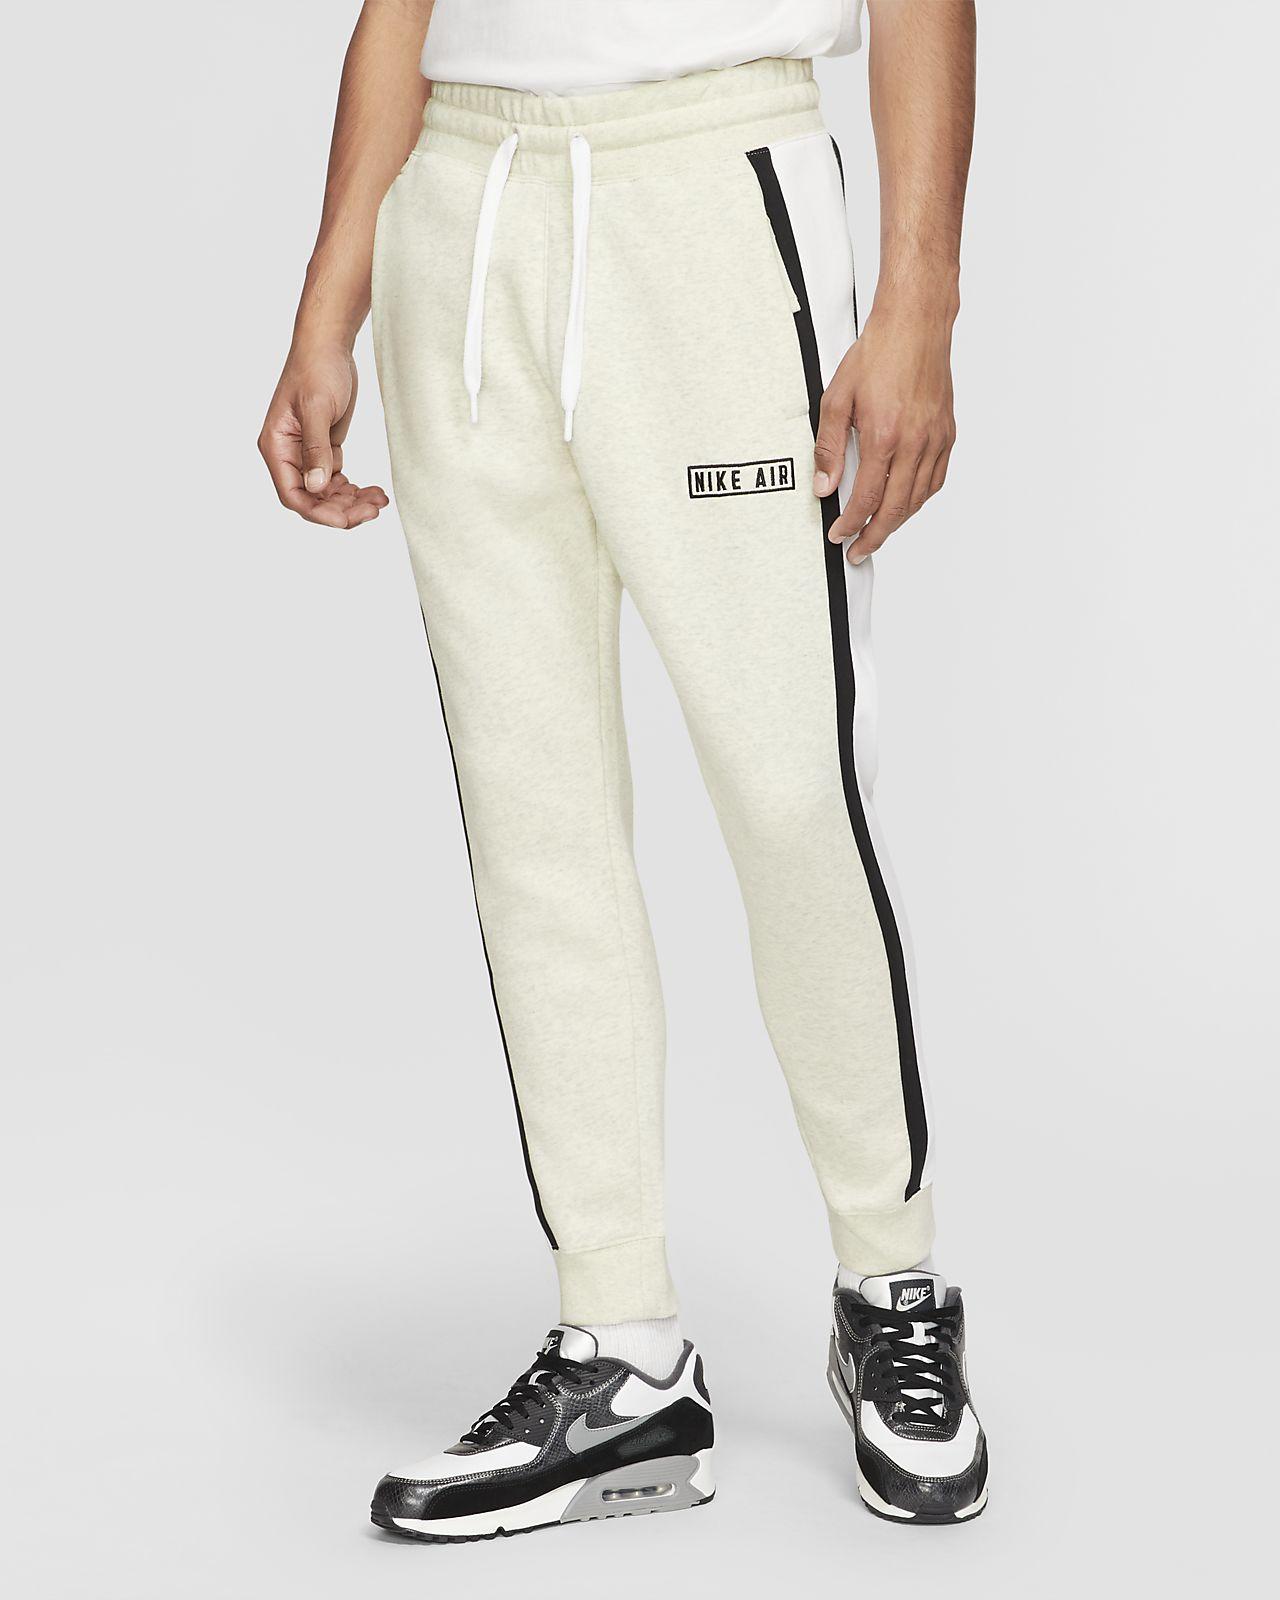 Calças de lã cardada Nike Air para homem